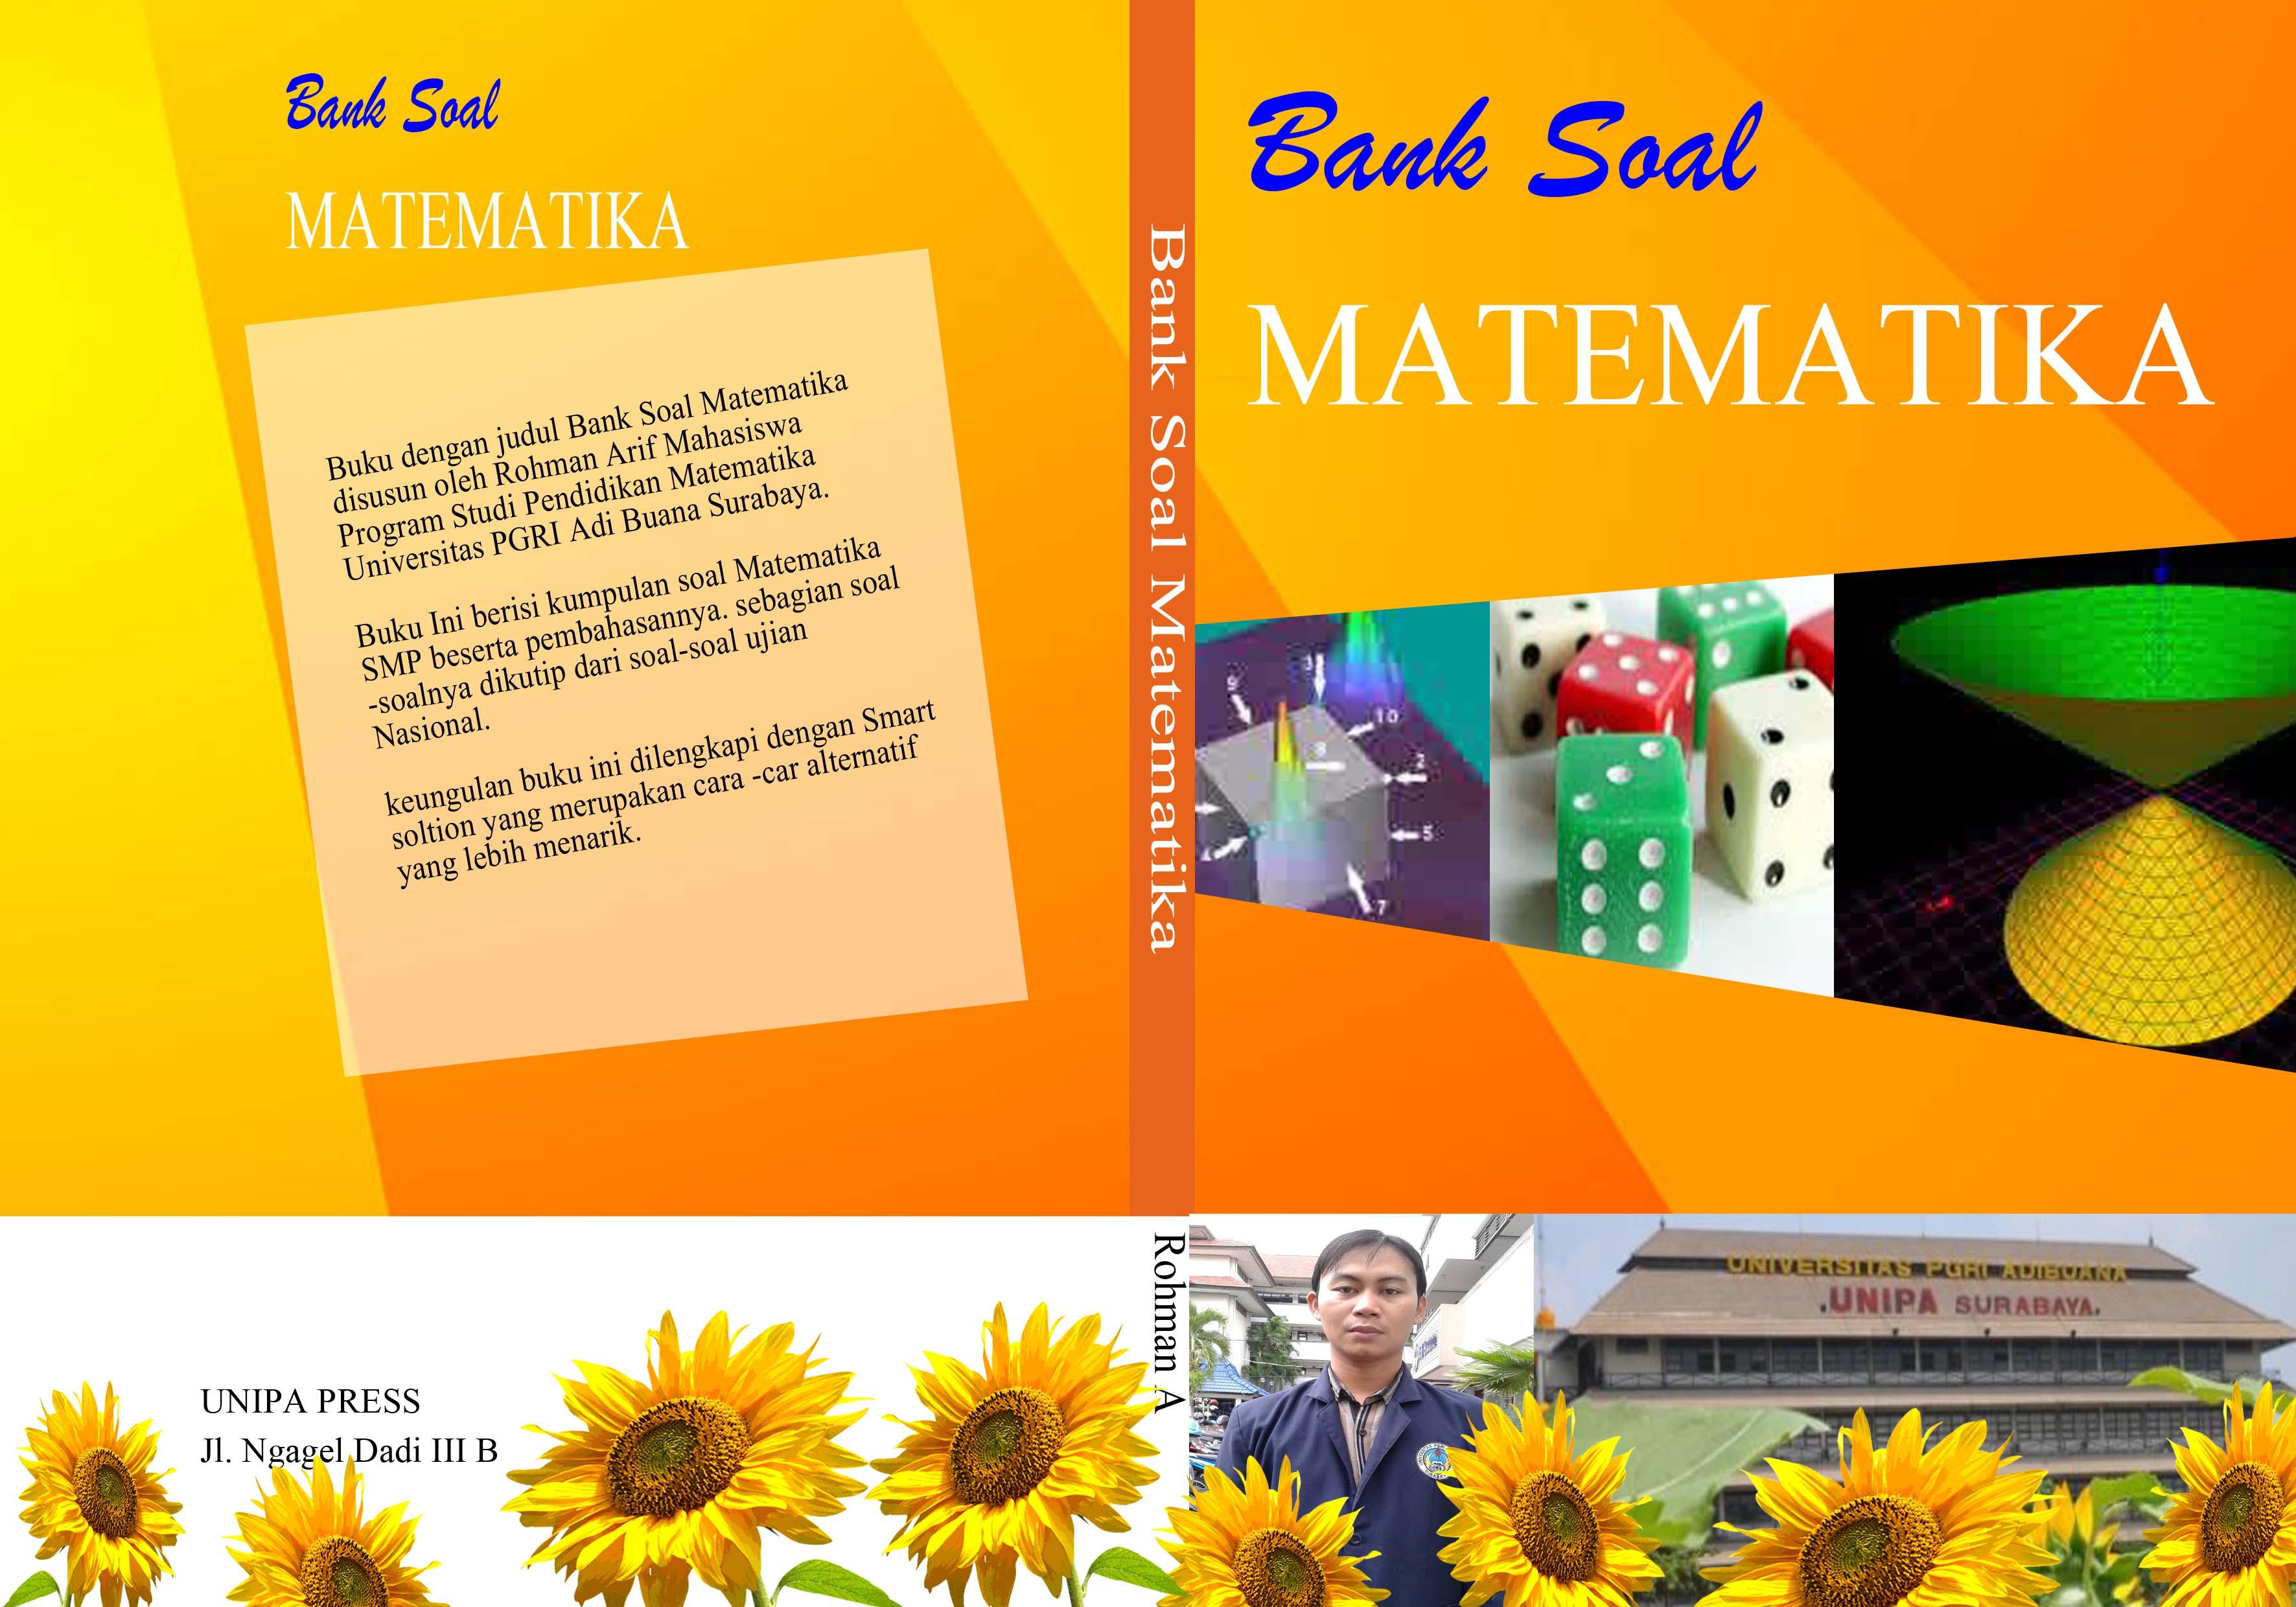 Contoh Sampul Buku Matematika Matematikacantik